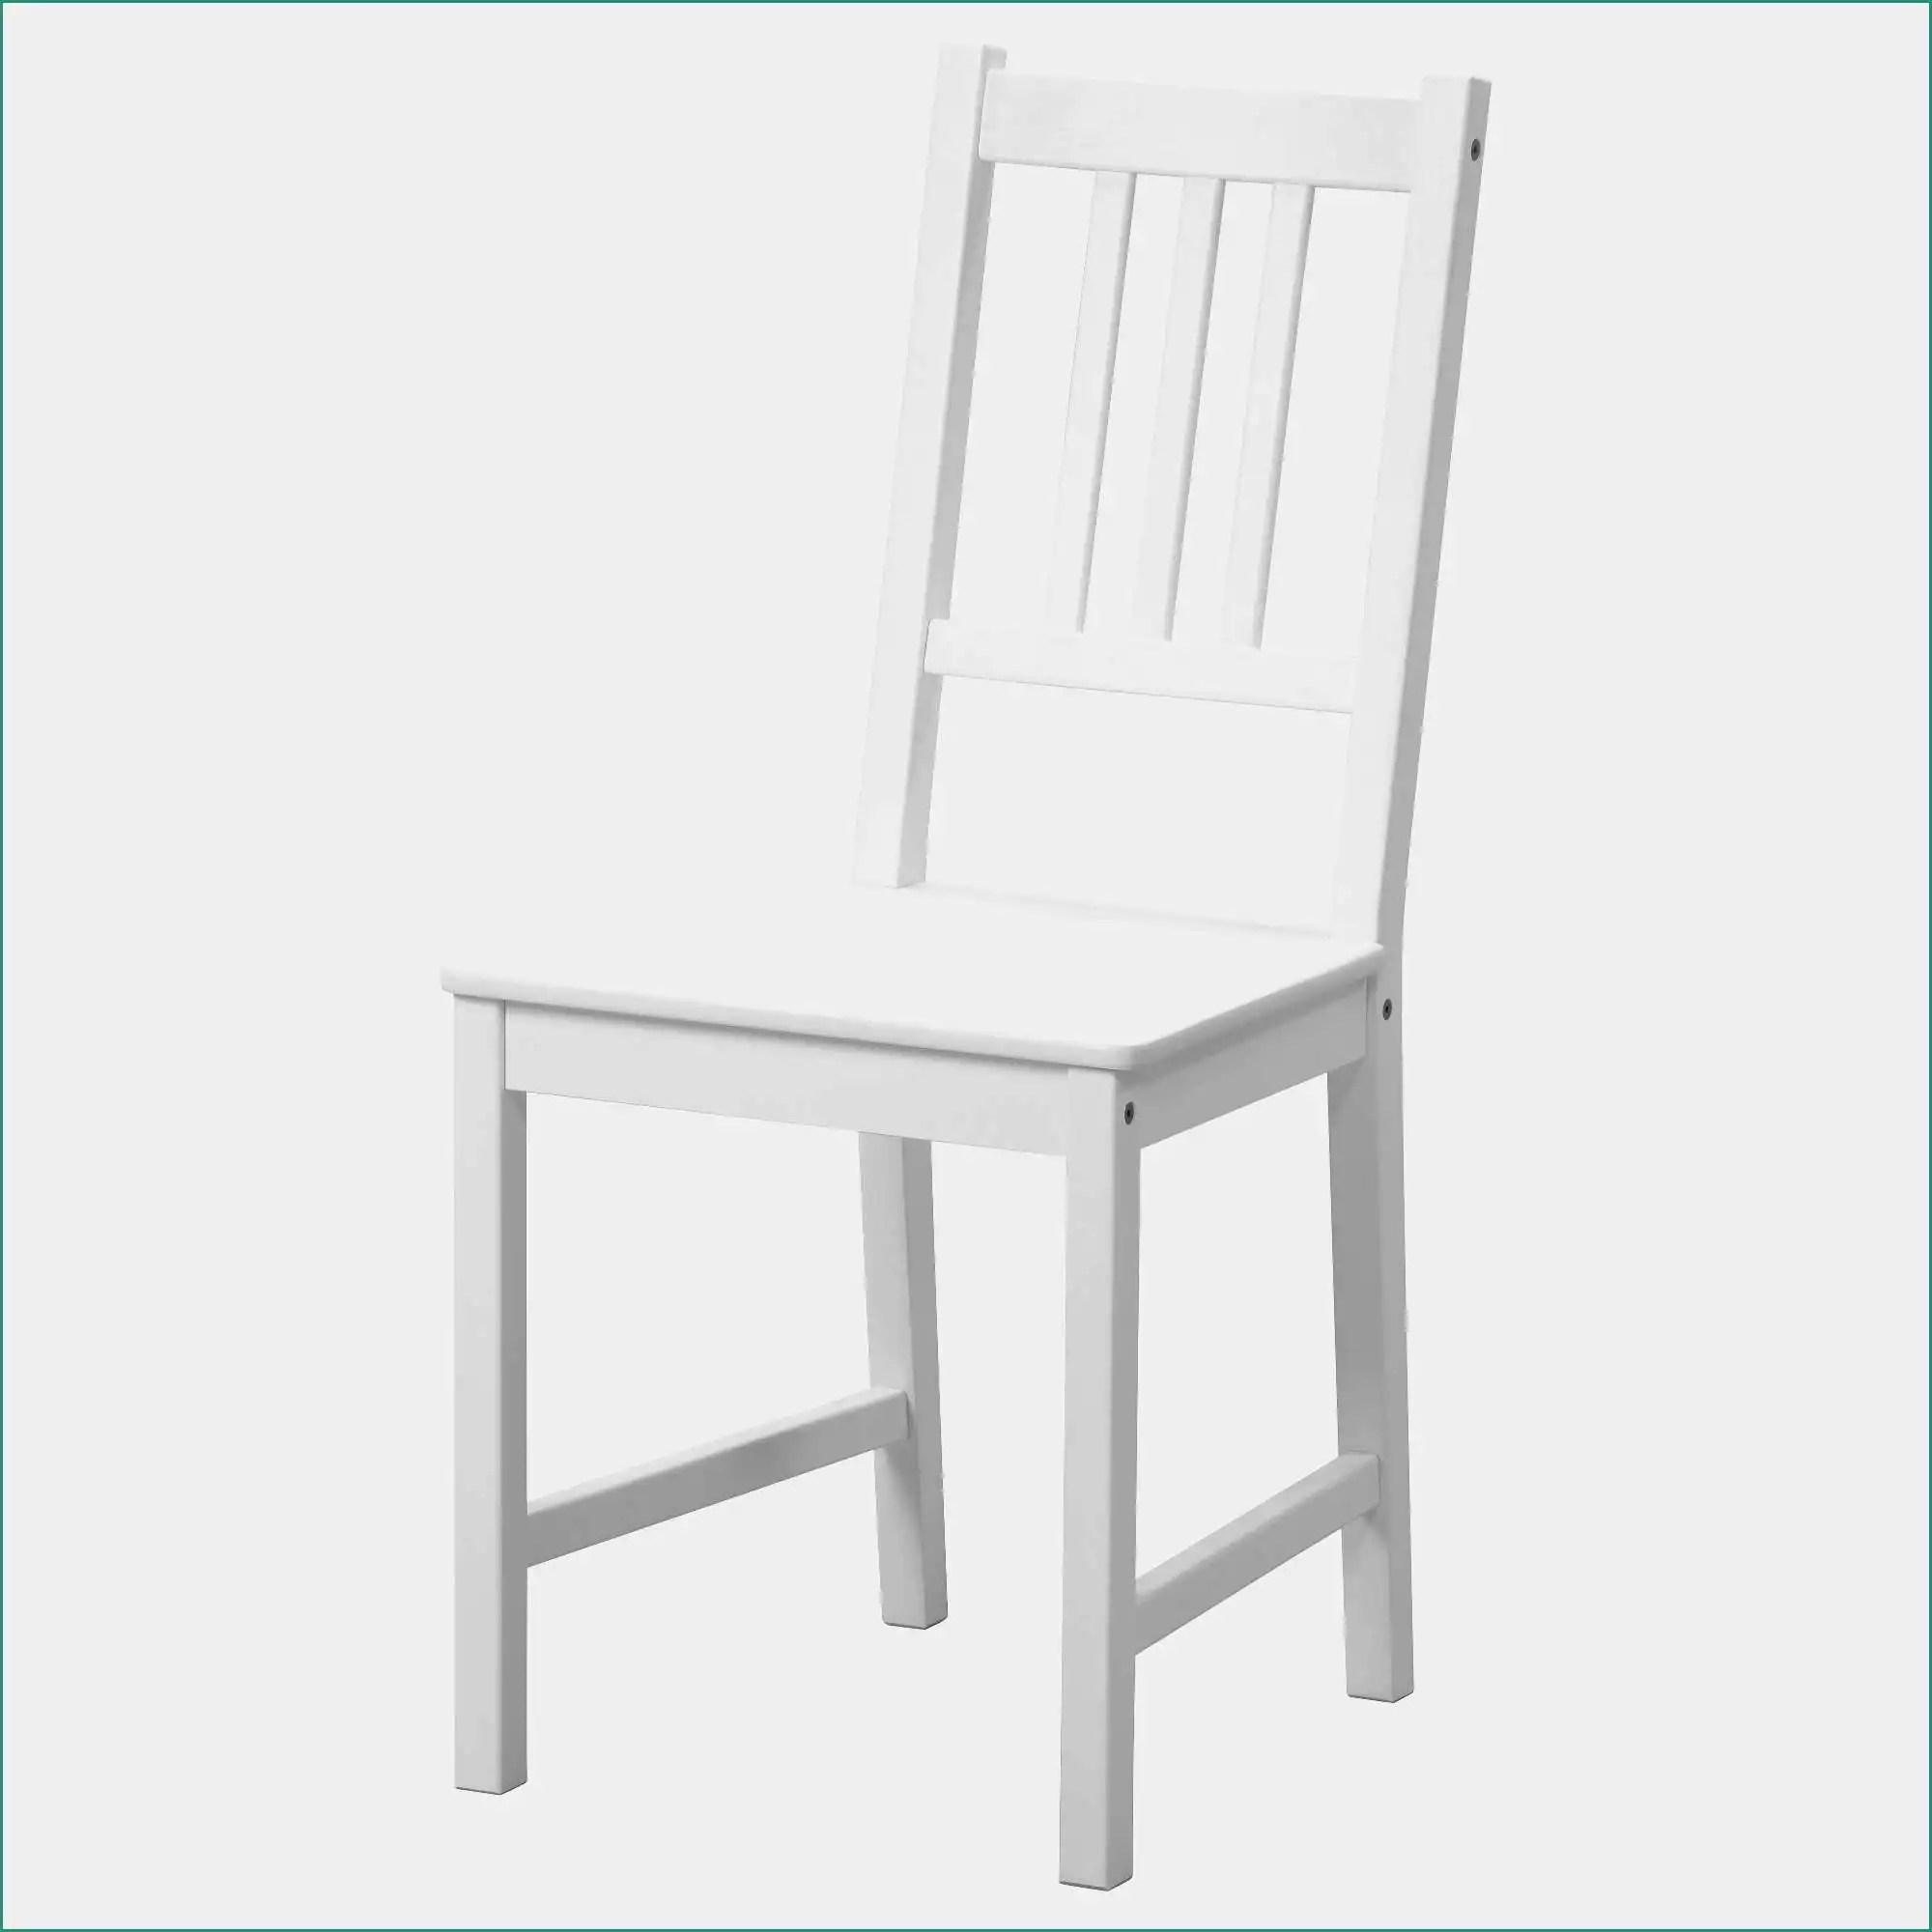 Offerte sedie cucina awesome sedie cucina mercatone uno images